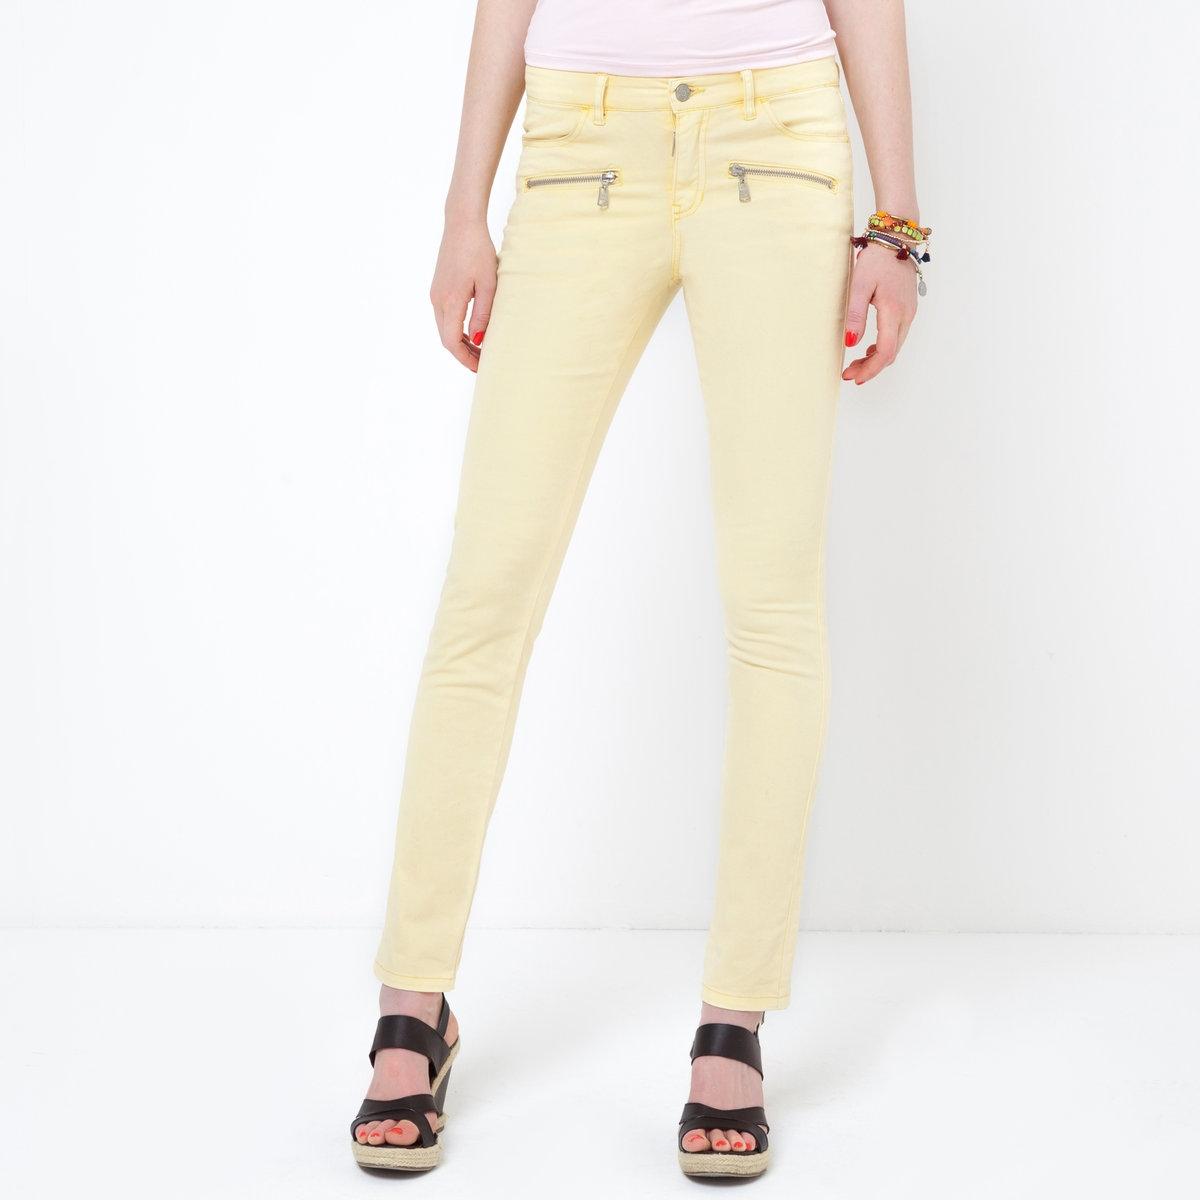 Брюки, длина ок.78 смЦветные брюки Soft Grey. Материал стретч, 98% хлопка, 2% эластана. 2 косых кармана на молнии спереди. Длина по внутр. шву 78 см. Ширина по низу 14,5 см.<br><br>Цвет: желтый<br>Размер: 34 (FR) - 40 (RUS)